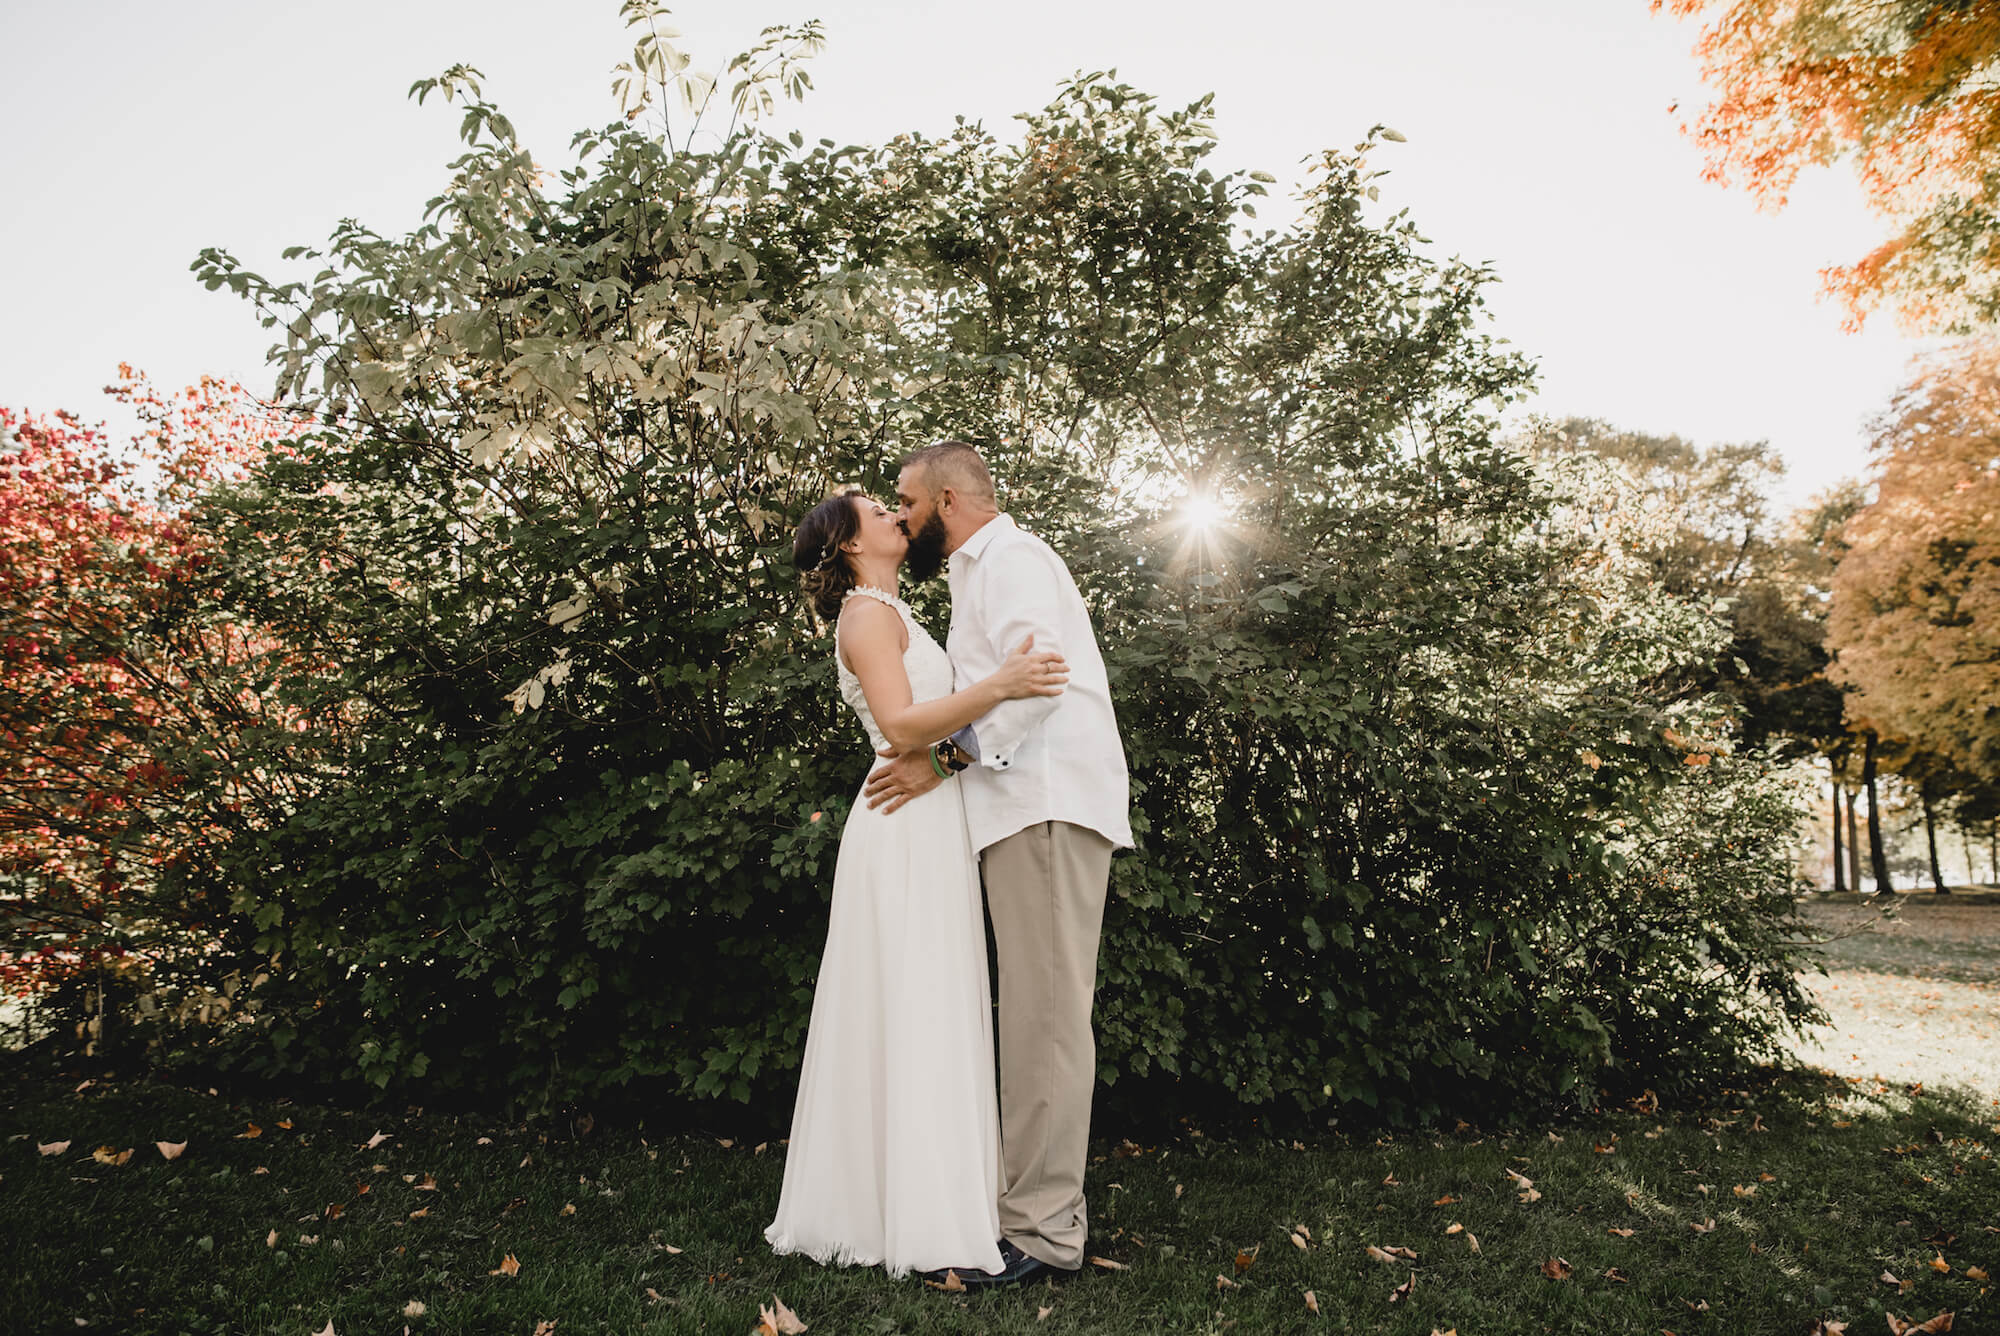 engle-olson-tammy-marc-wedding-30.jpg